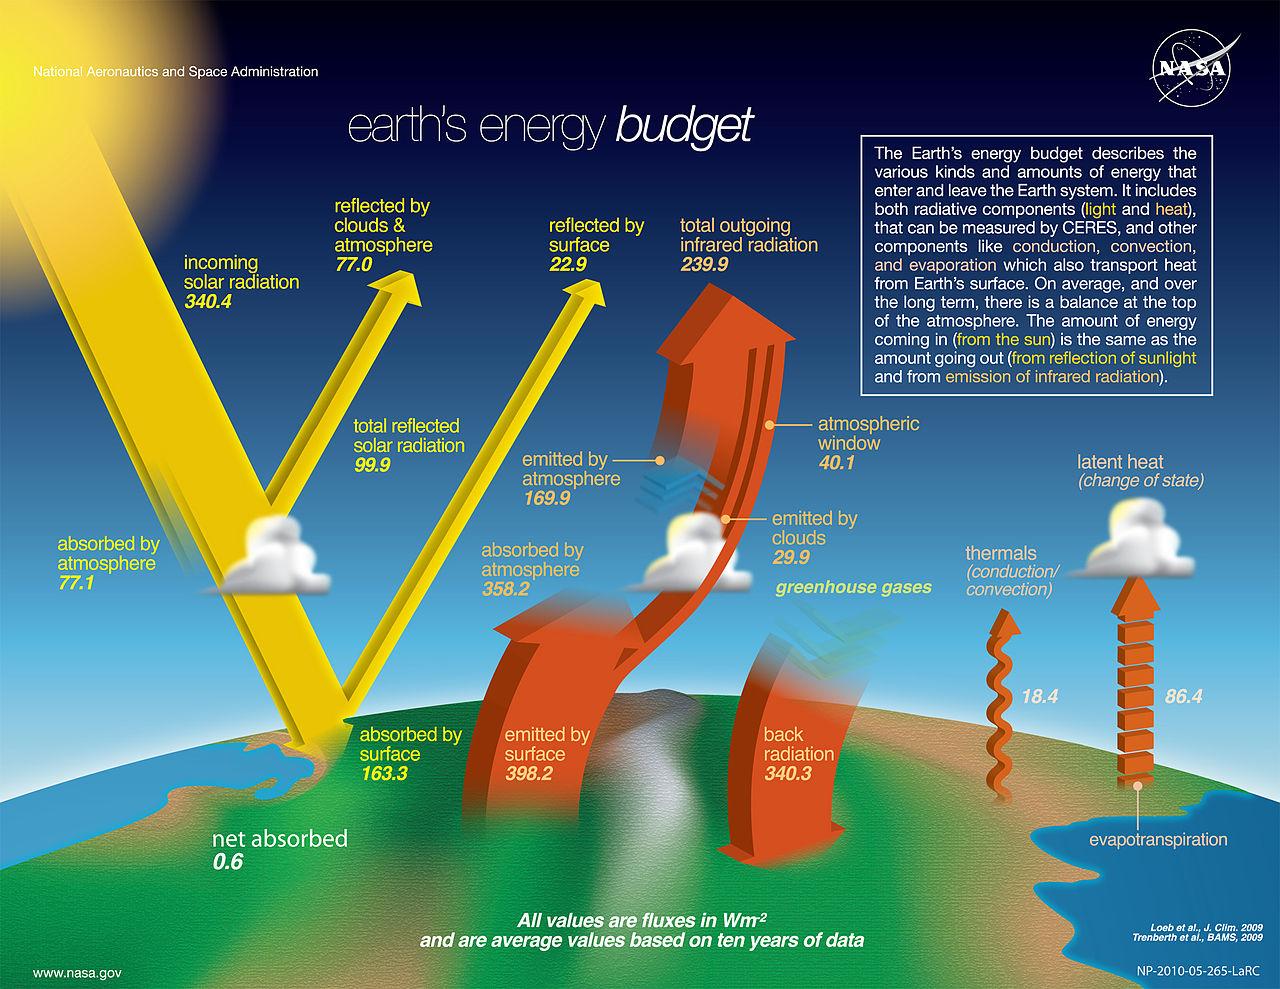 The-NASA-Earth's-Energy-Budget-Poster-Radiant-Energy-System-satellite-infrared-radiation-fluxes.jpg